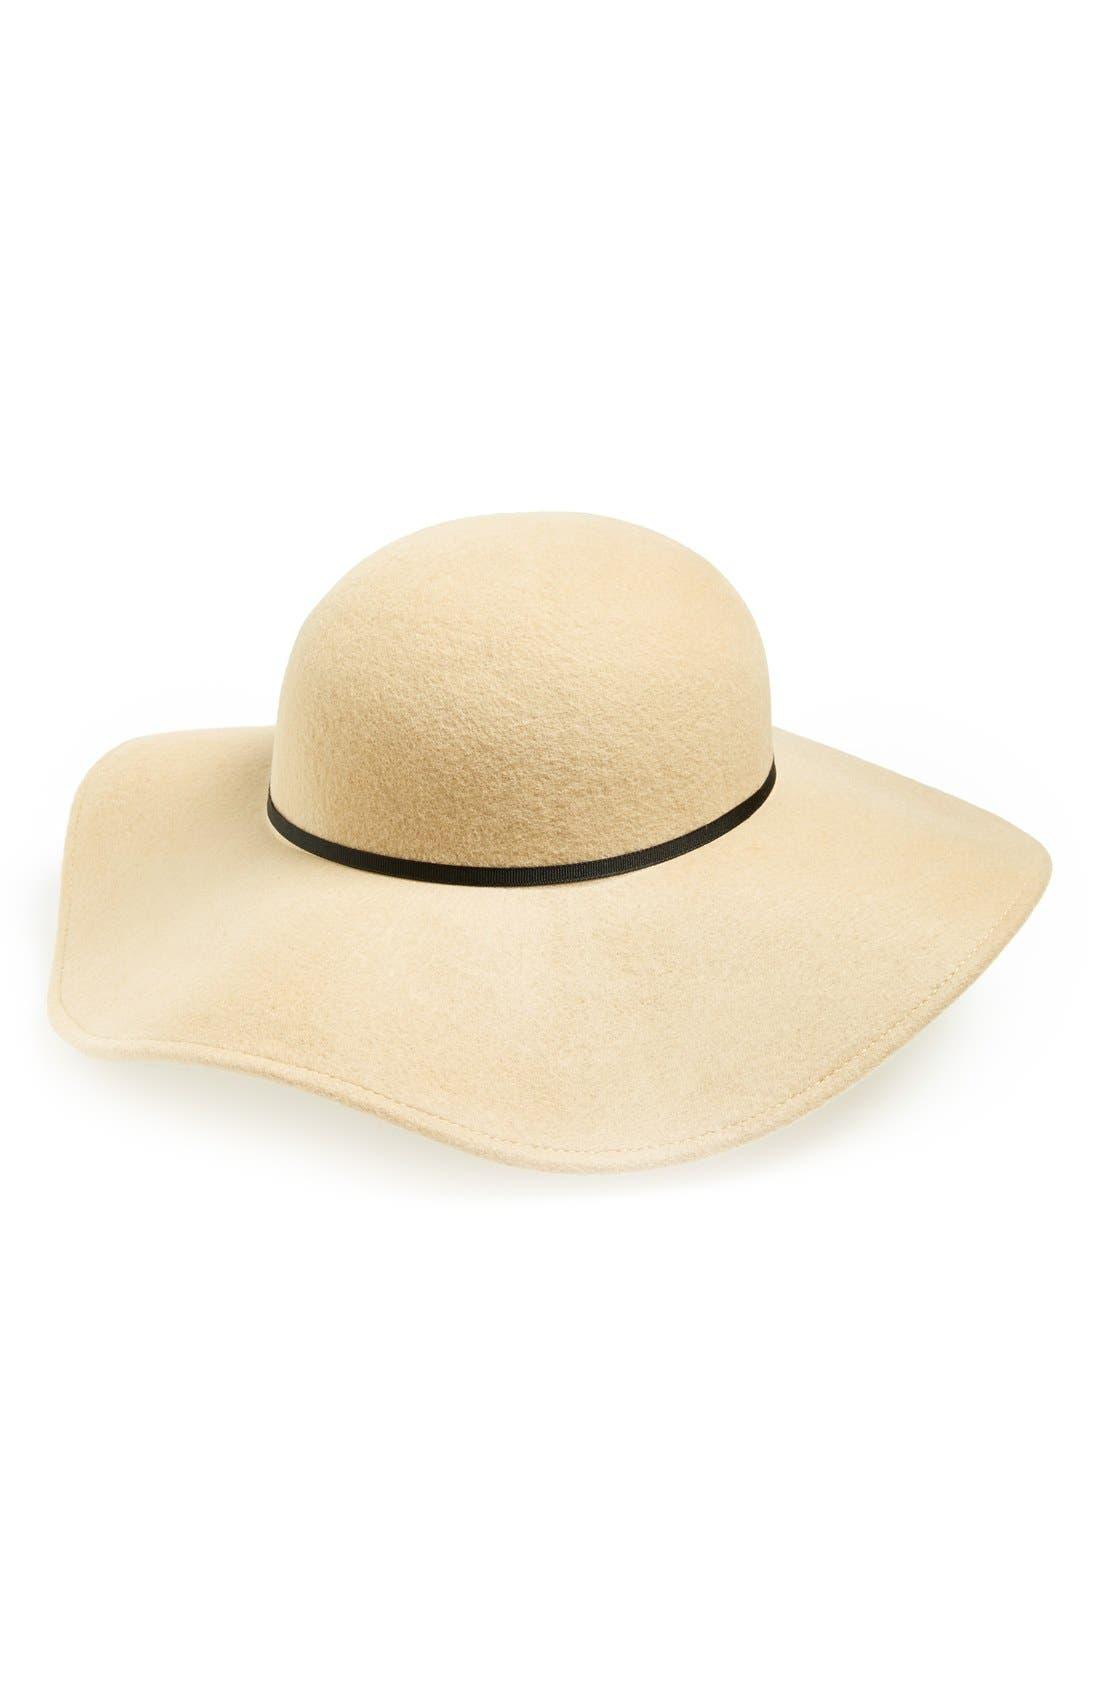 Alternate Image 1 Selected - Topshop Floppy Wool Hat